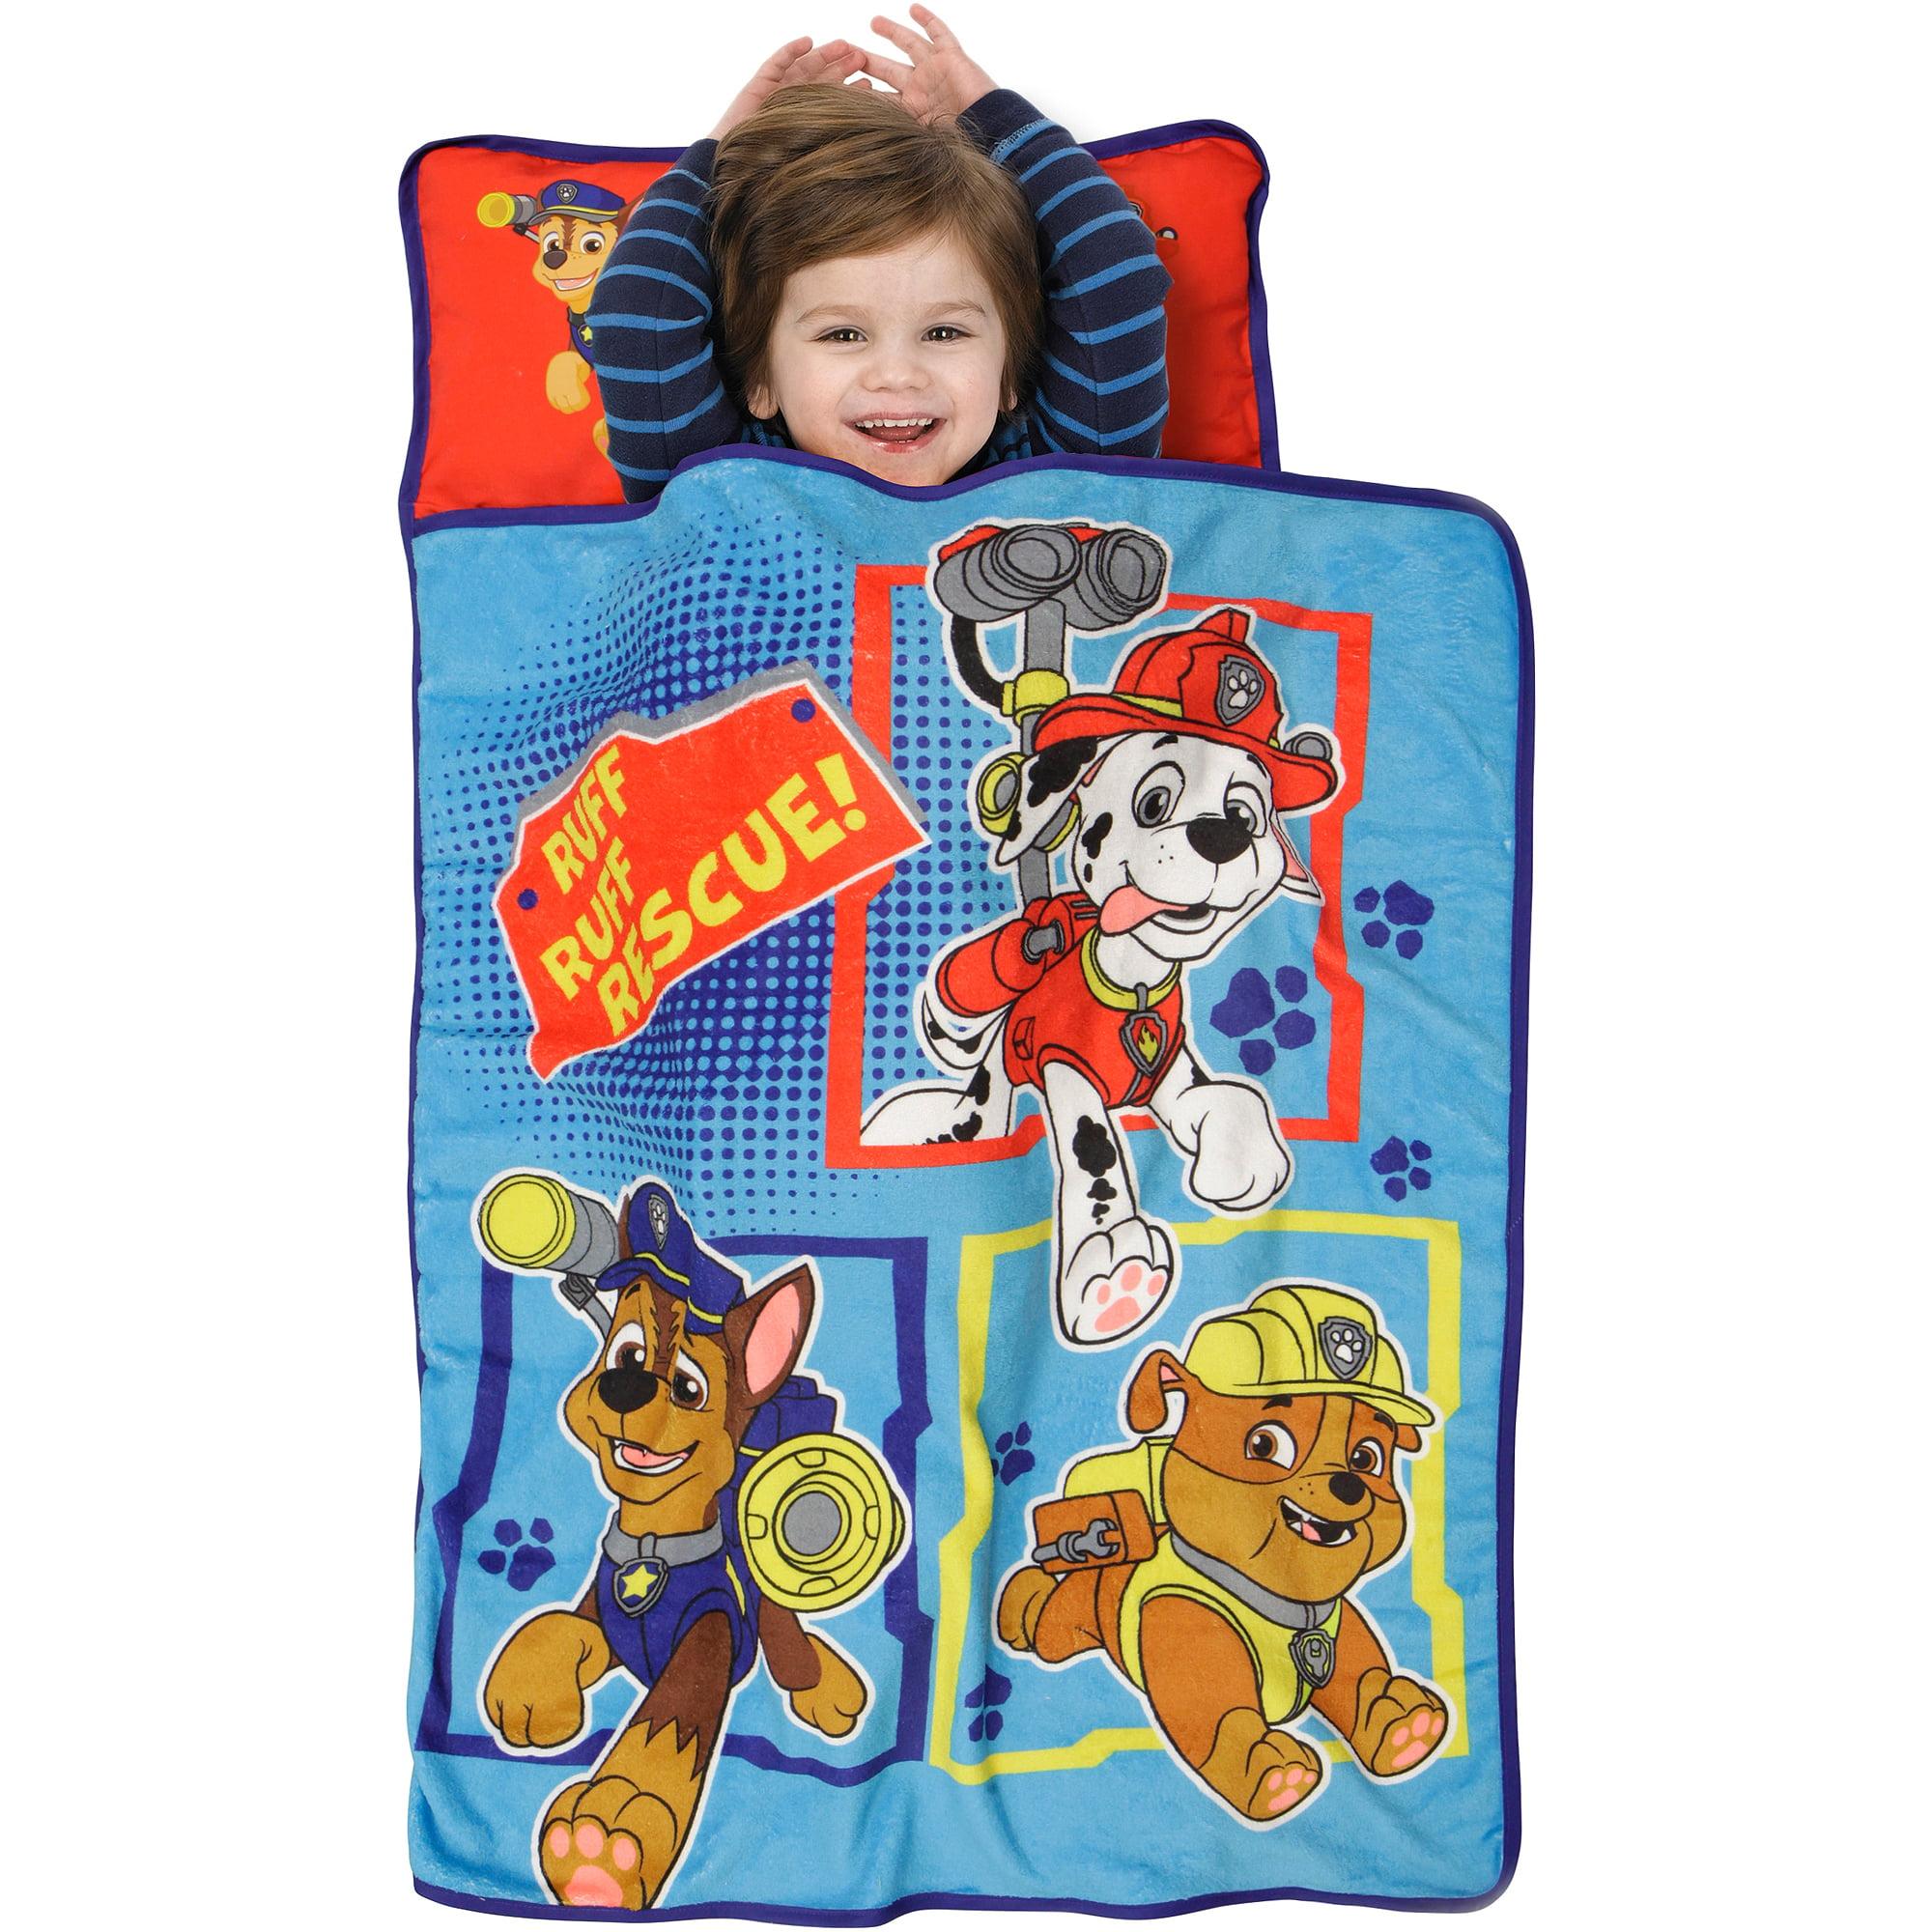 Nickelodeon Paw Patrol Ruff Ruff Rescue Toddler Nap Mat